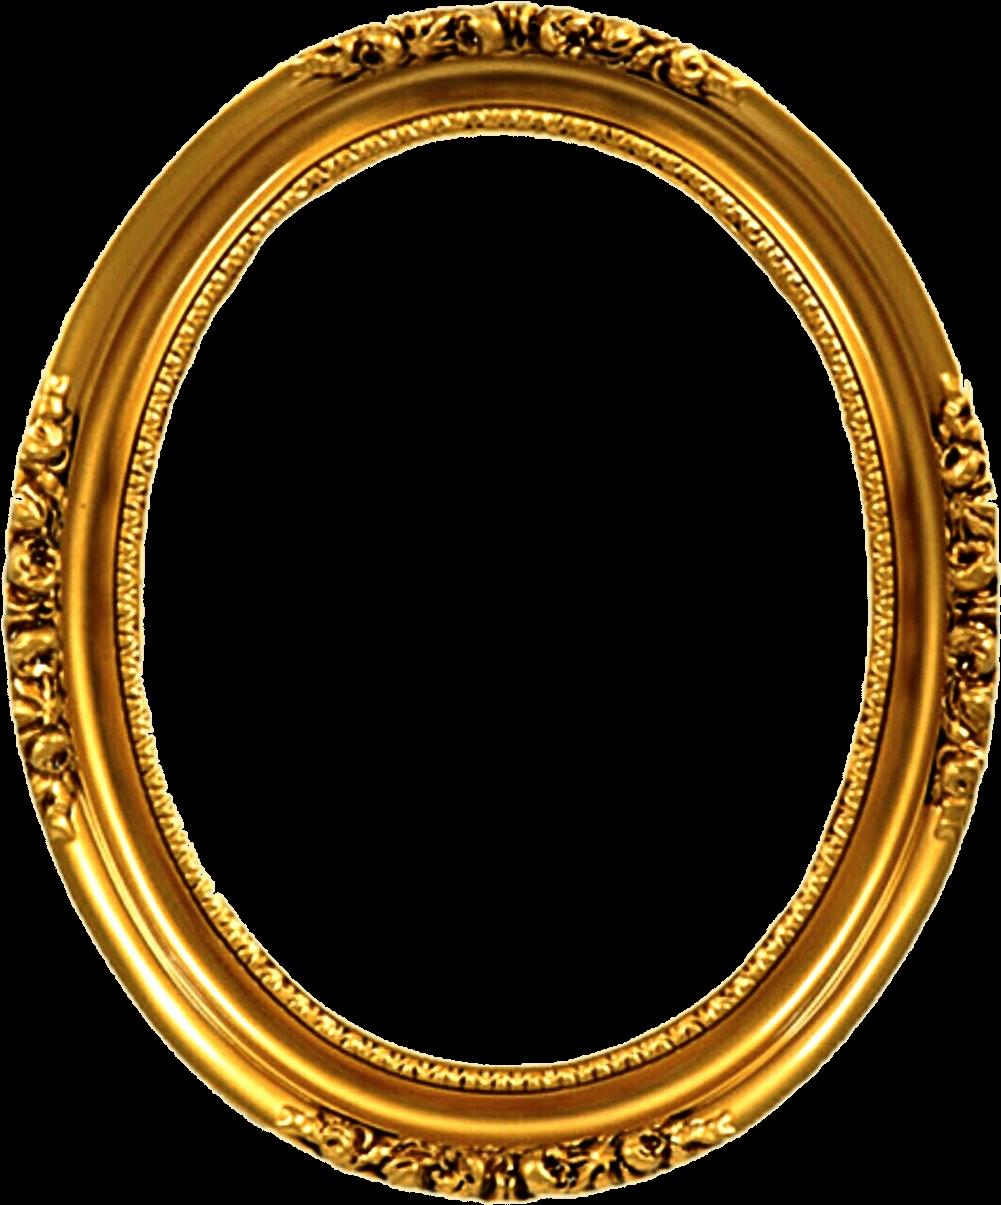 victorian frame png - Transparent Gold Oval Frames - Oval ...